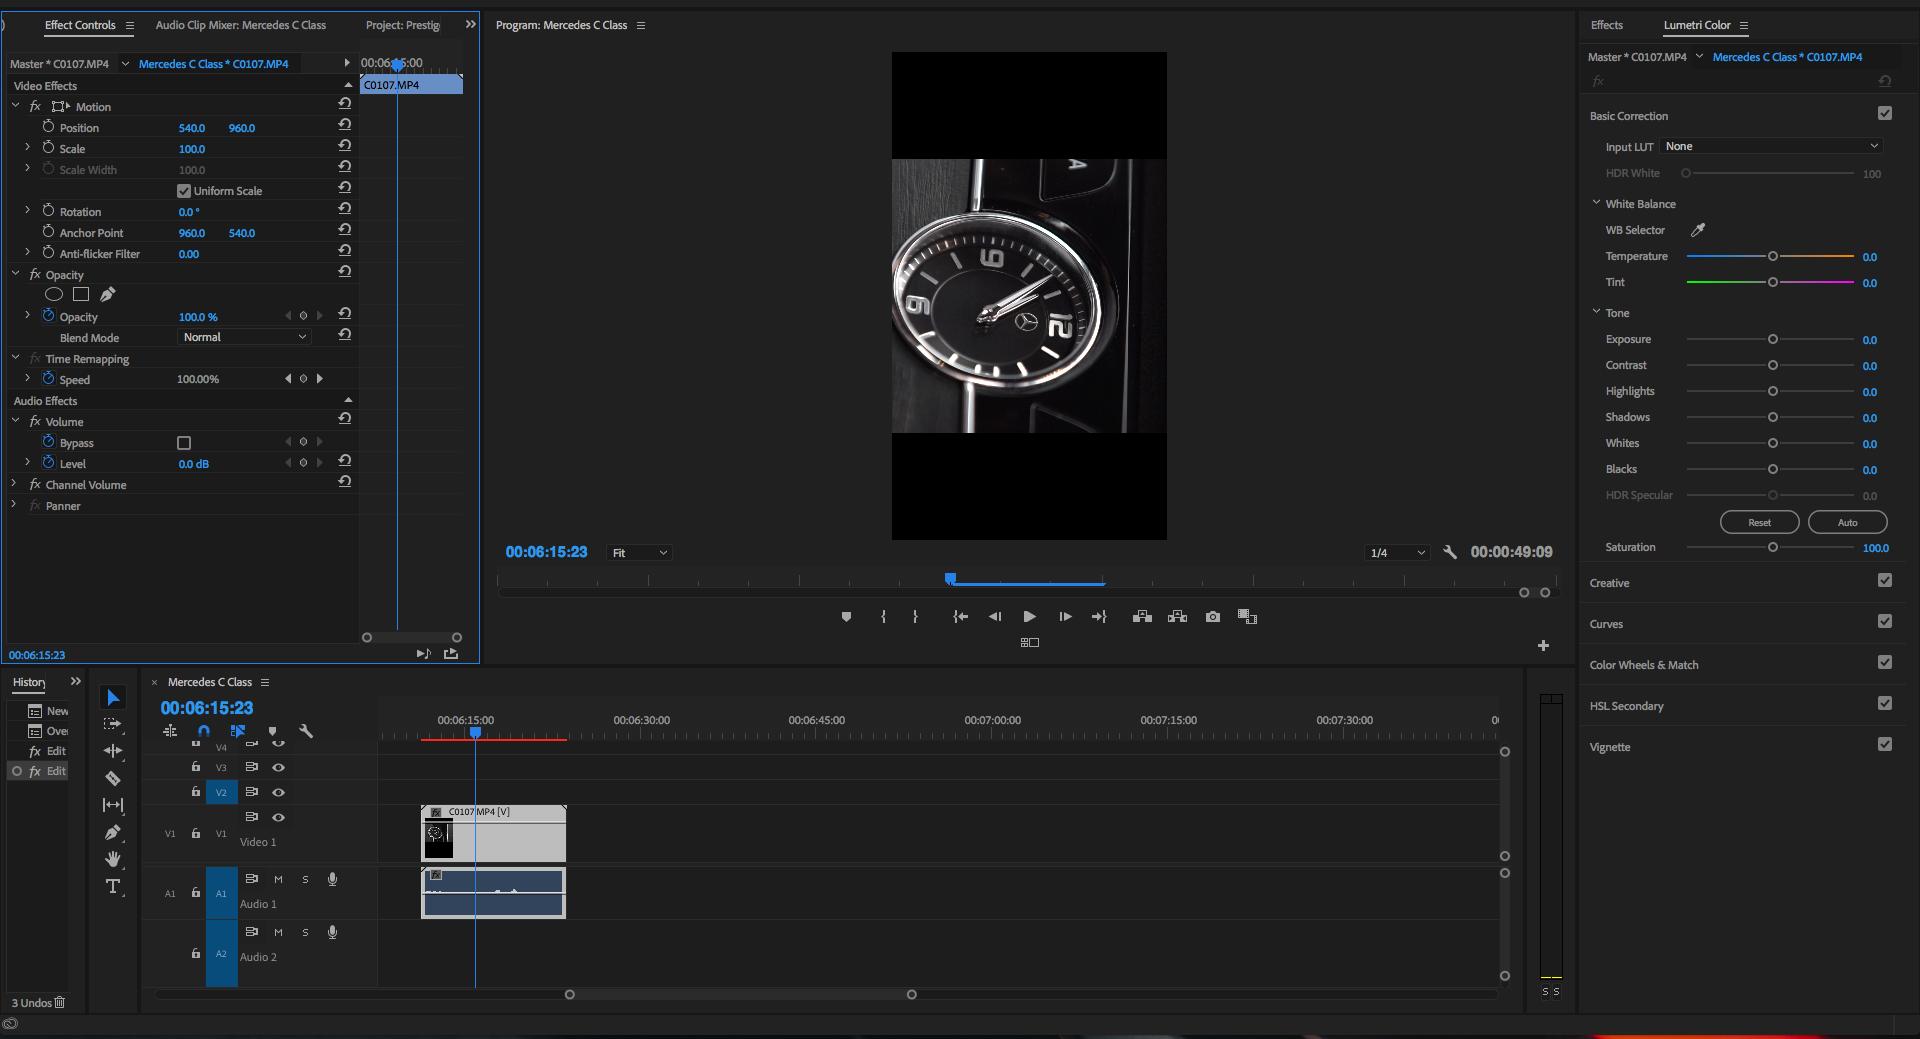 Screen Shot 2018-09-10 at 10.40.33.png